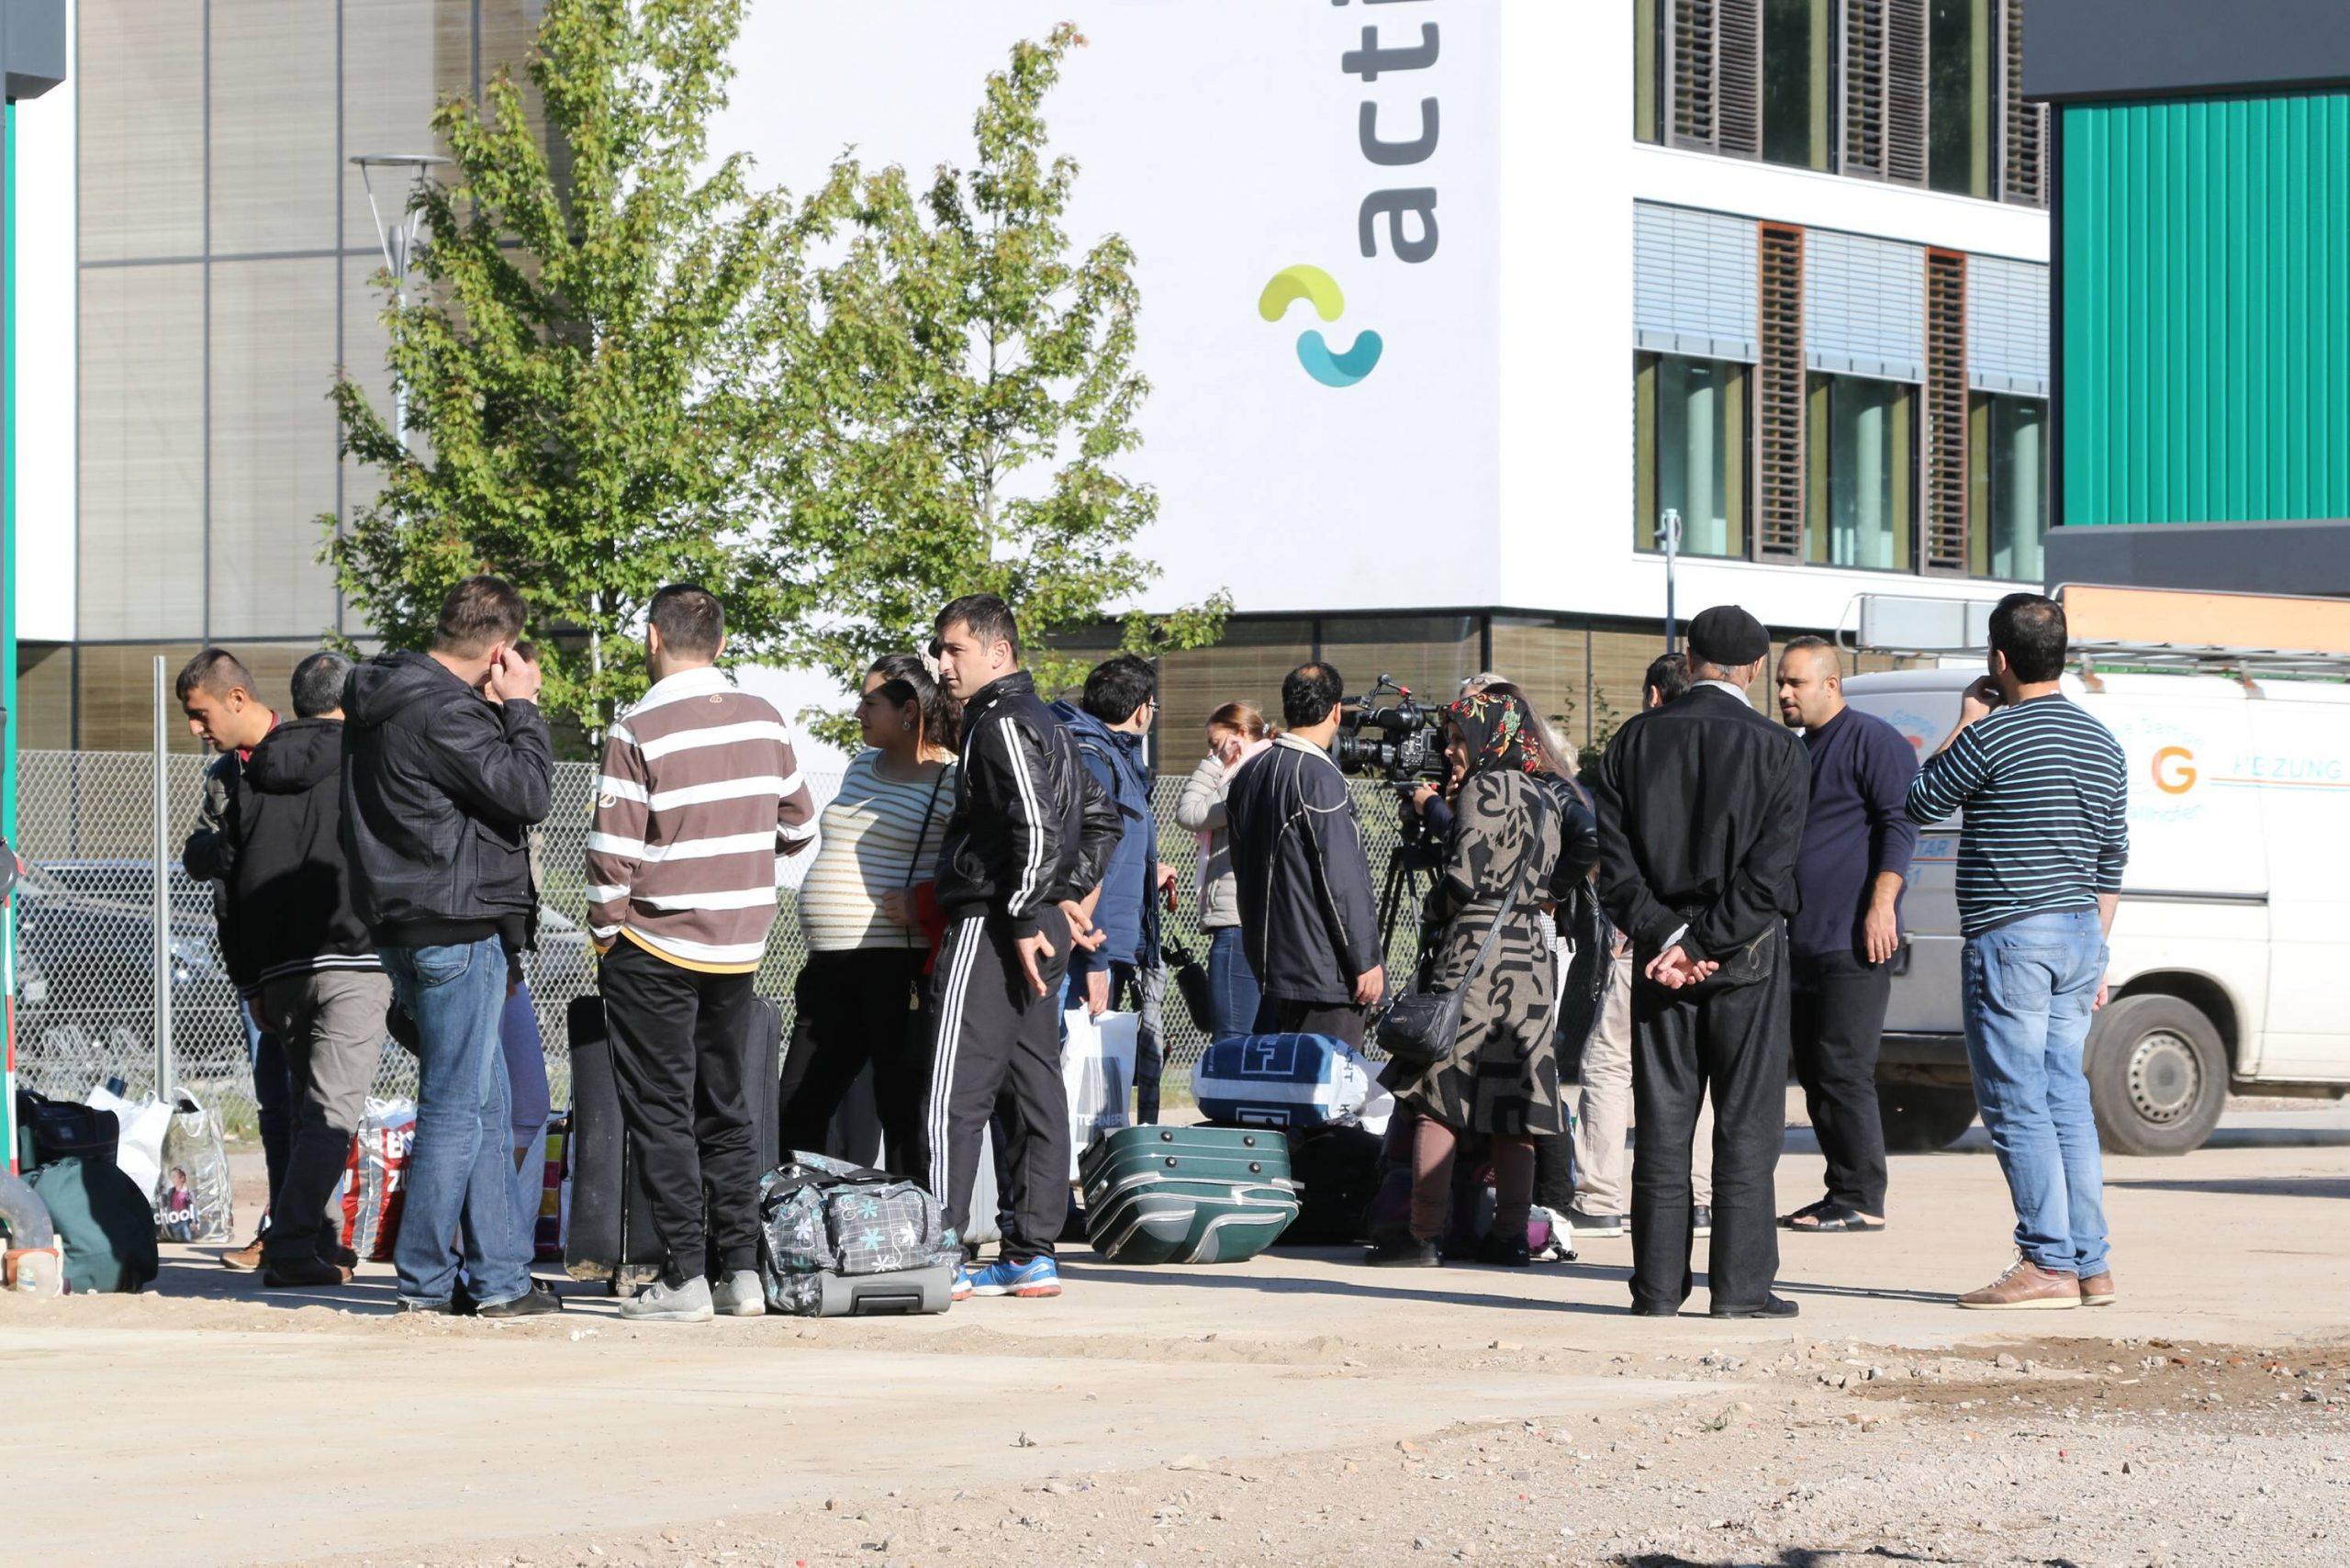 Asylsuchende randalieren und werden in Jugendherberge verlegt – JUNGE FREIHEIT